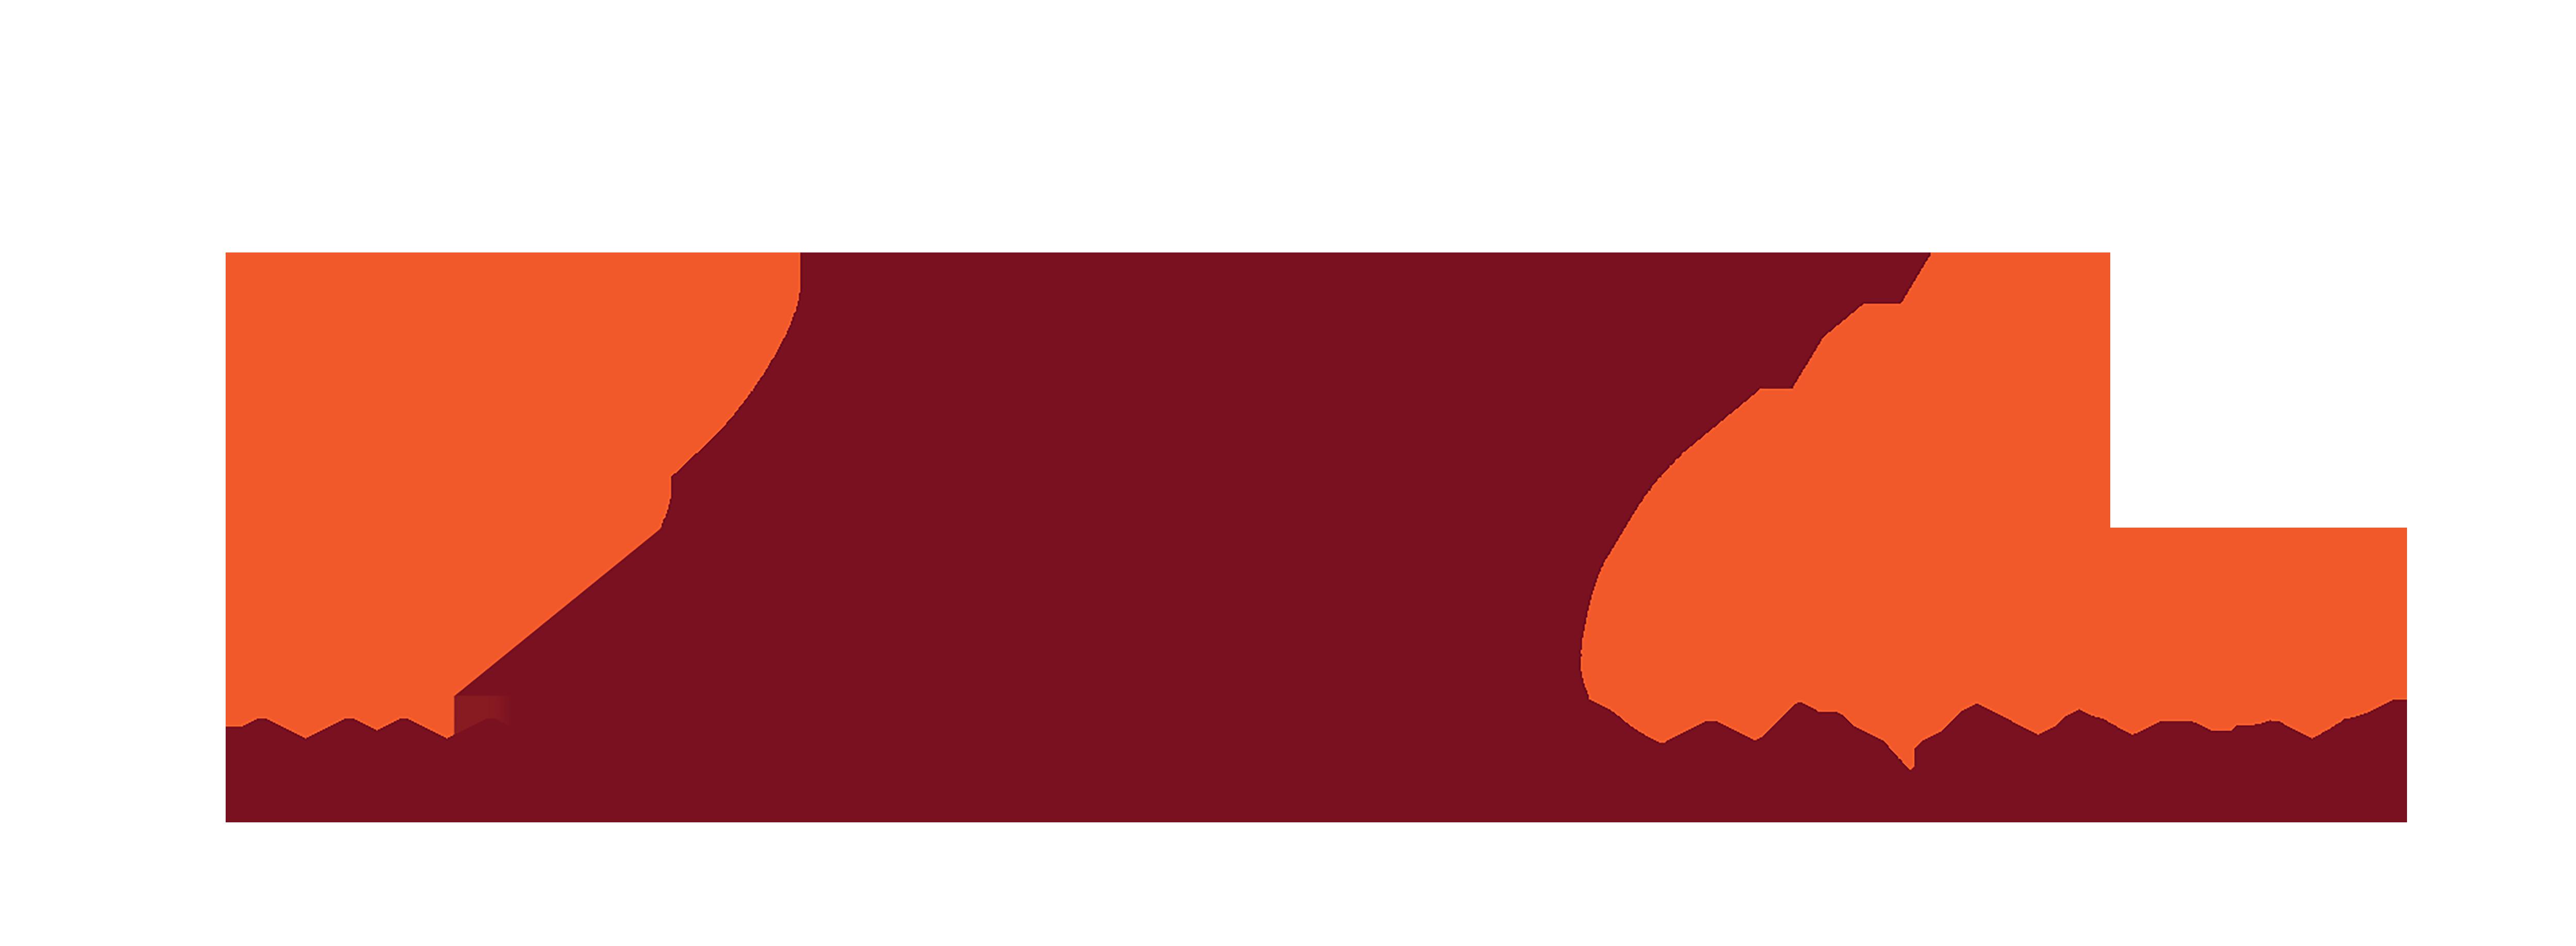 BAM Cargo | JASA EKSPEDISI & CARGO PILIHAN MASYARAKAT